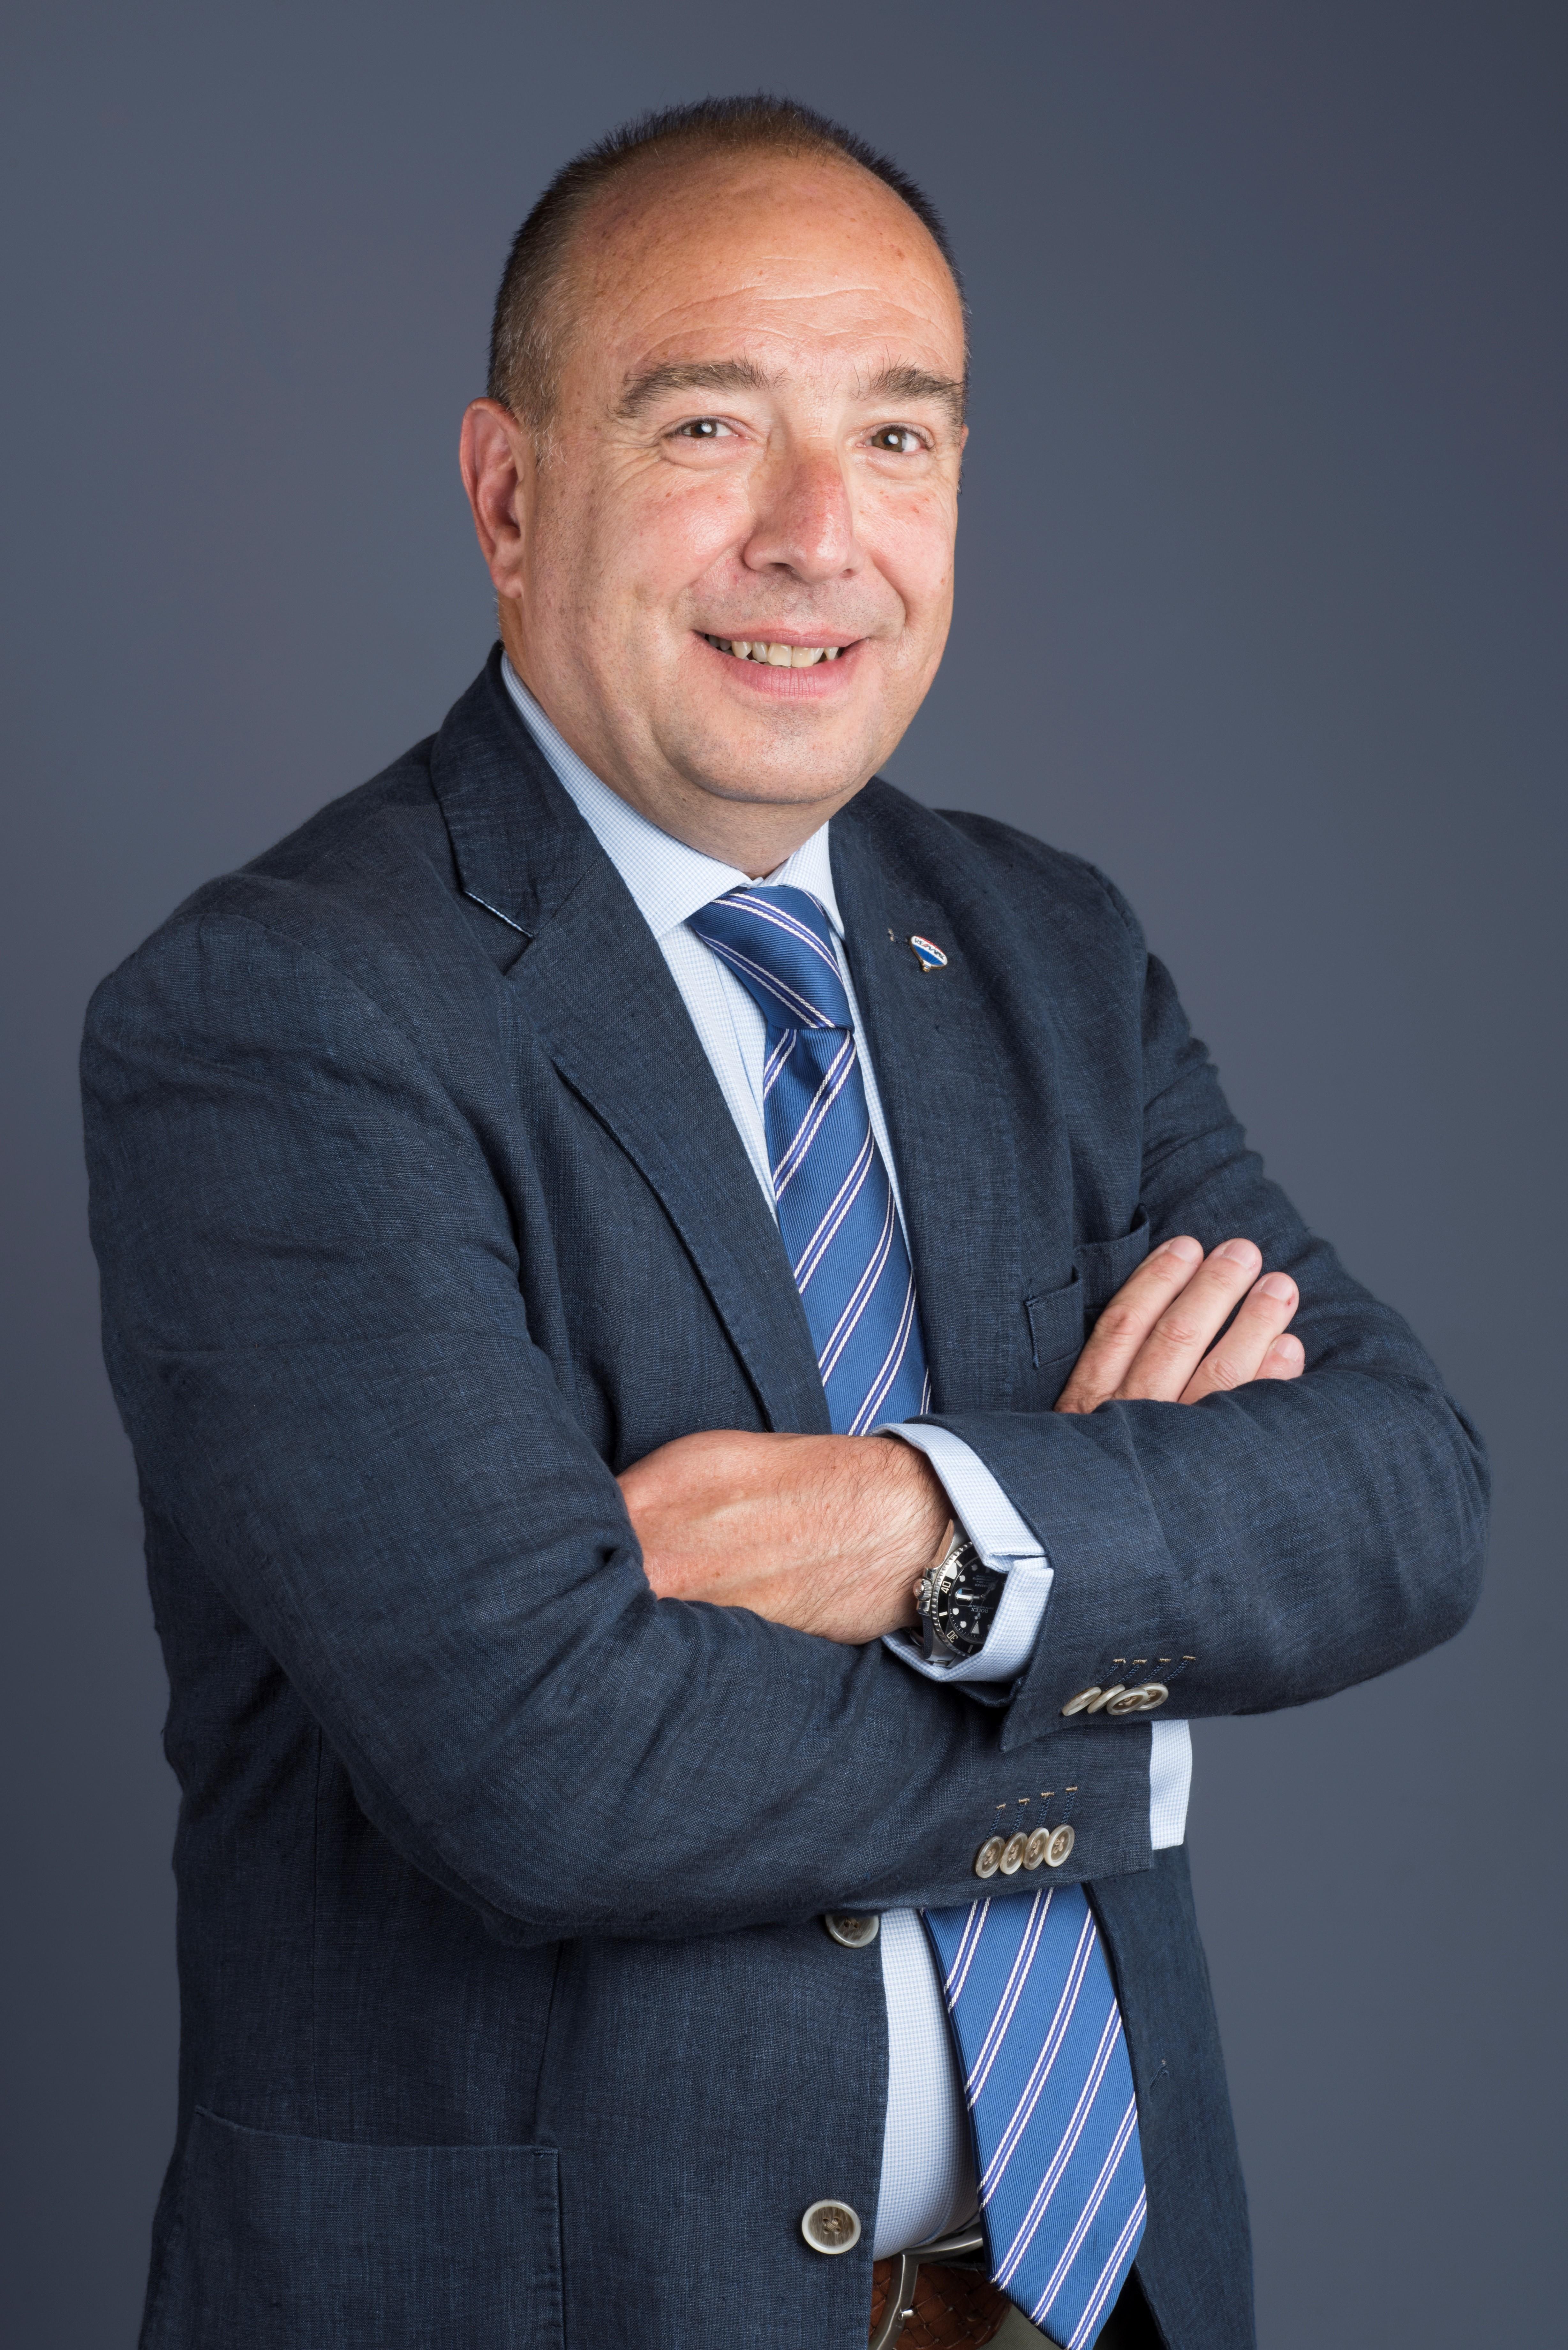 Juan Jose Martos Marin